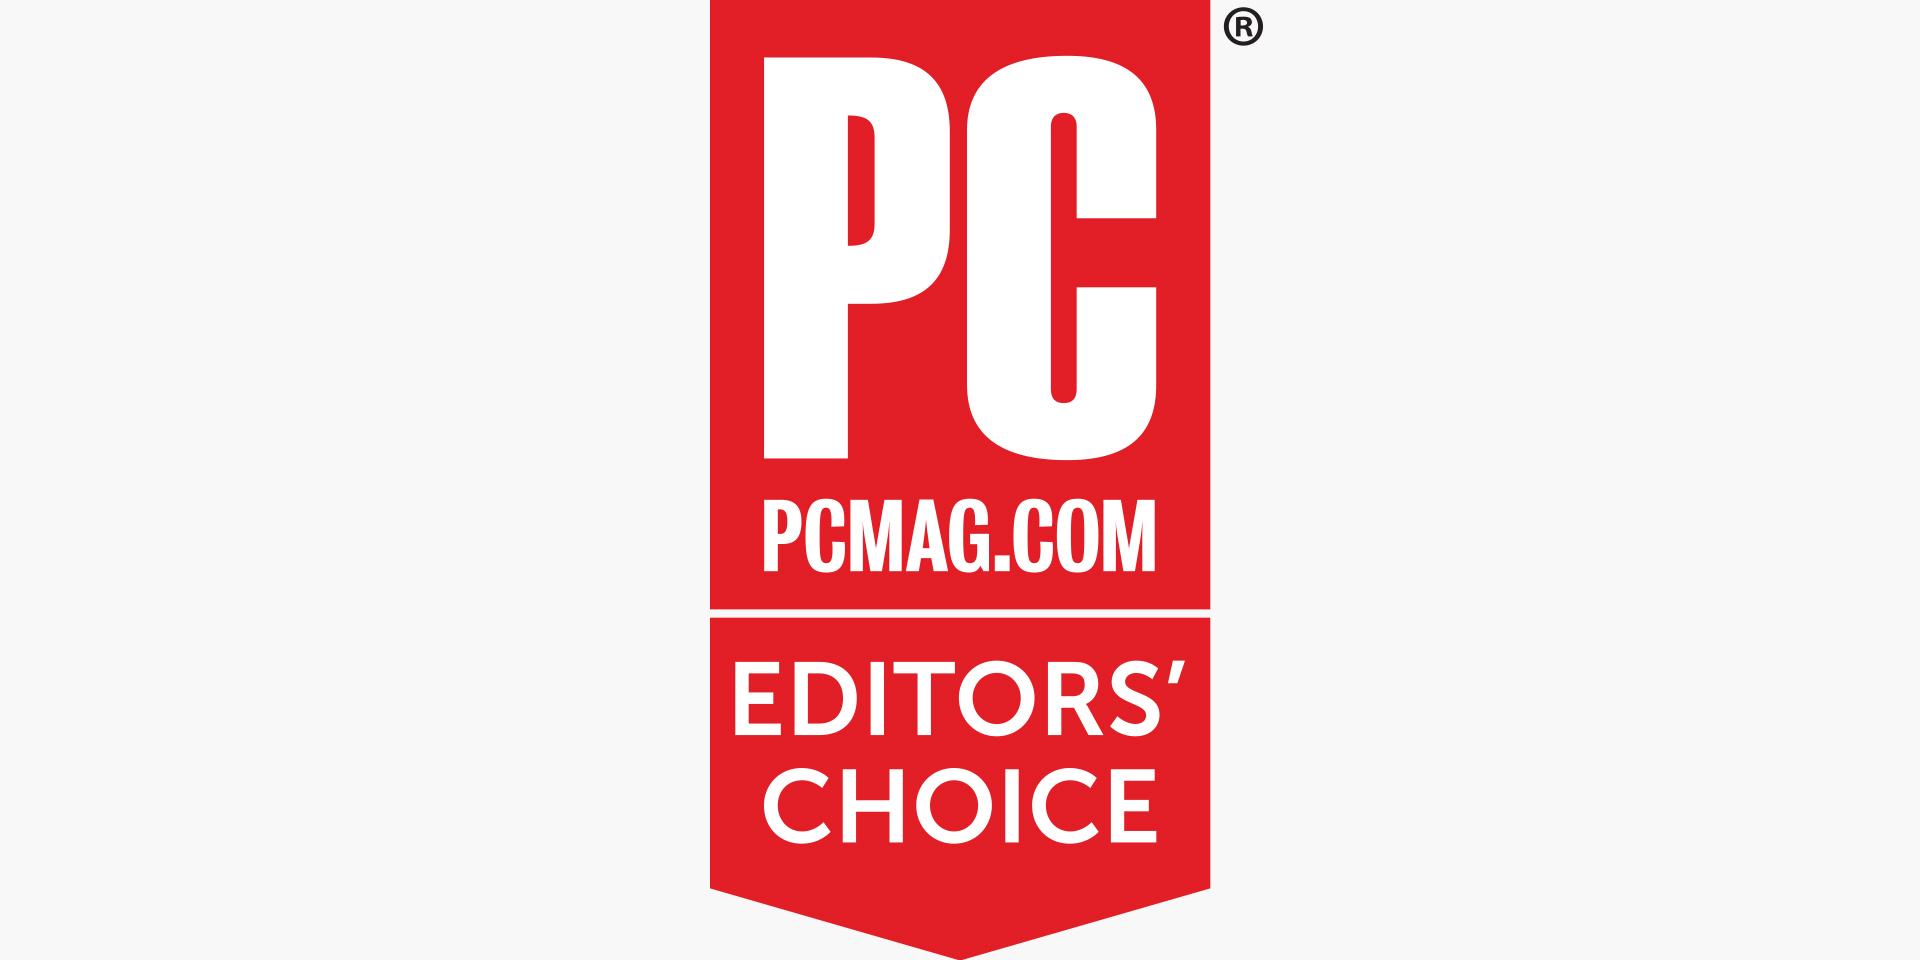 pcmag.com Editors' choice logo